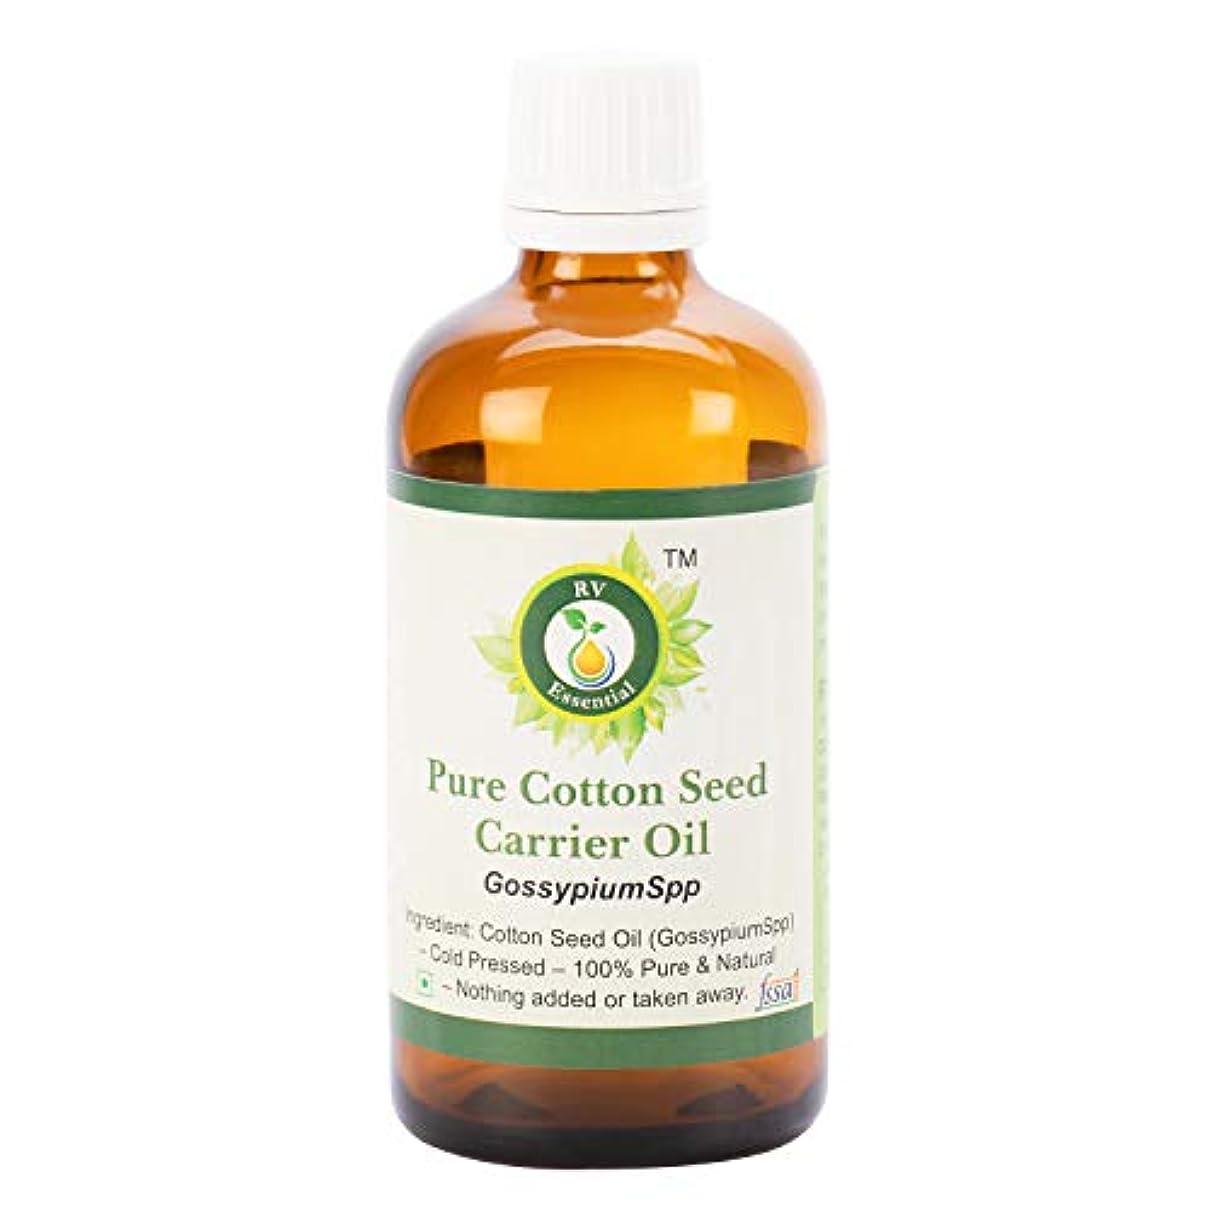 許すエアコン嘆願R V Essential 純粋な綿の種子キャリアオイル10ml (0.338oz)- Gossypium Spp (100%ピュア&ナチュラルコールドPressed) Pure Cotton Seed Carrier...